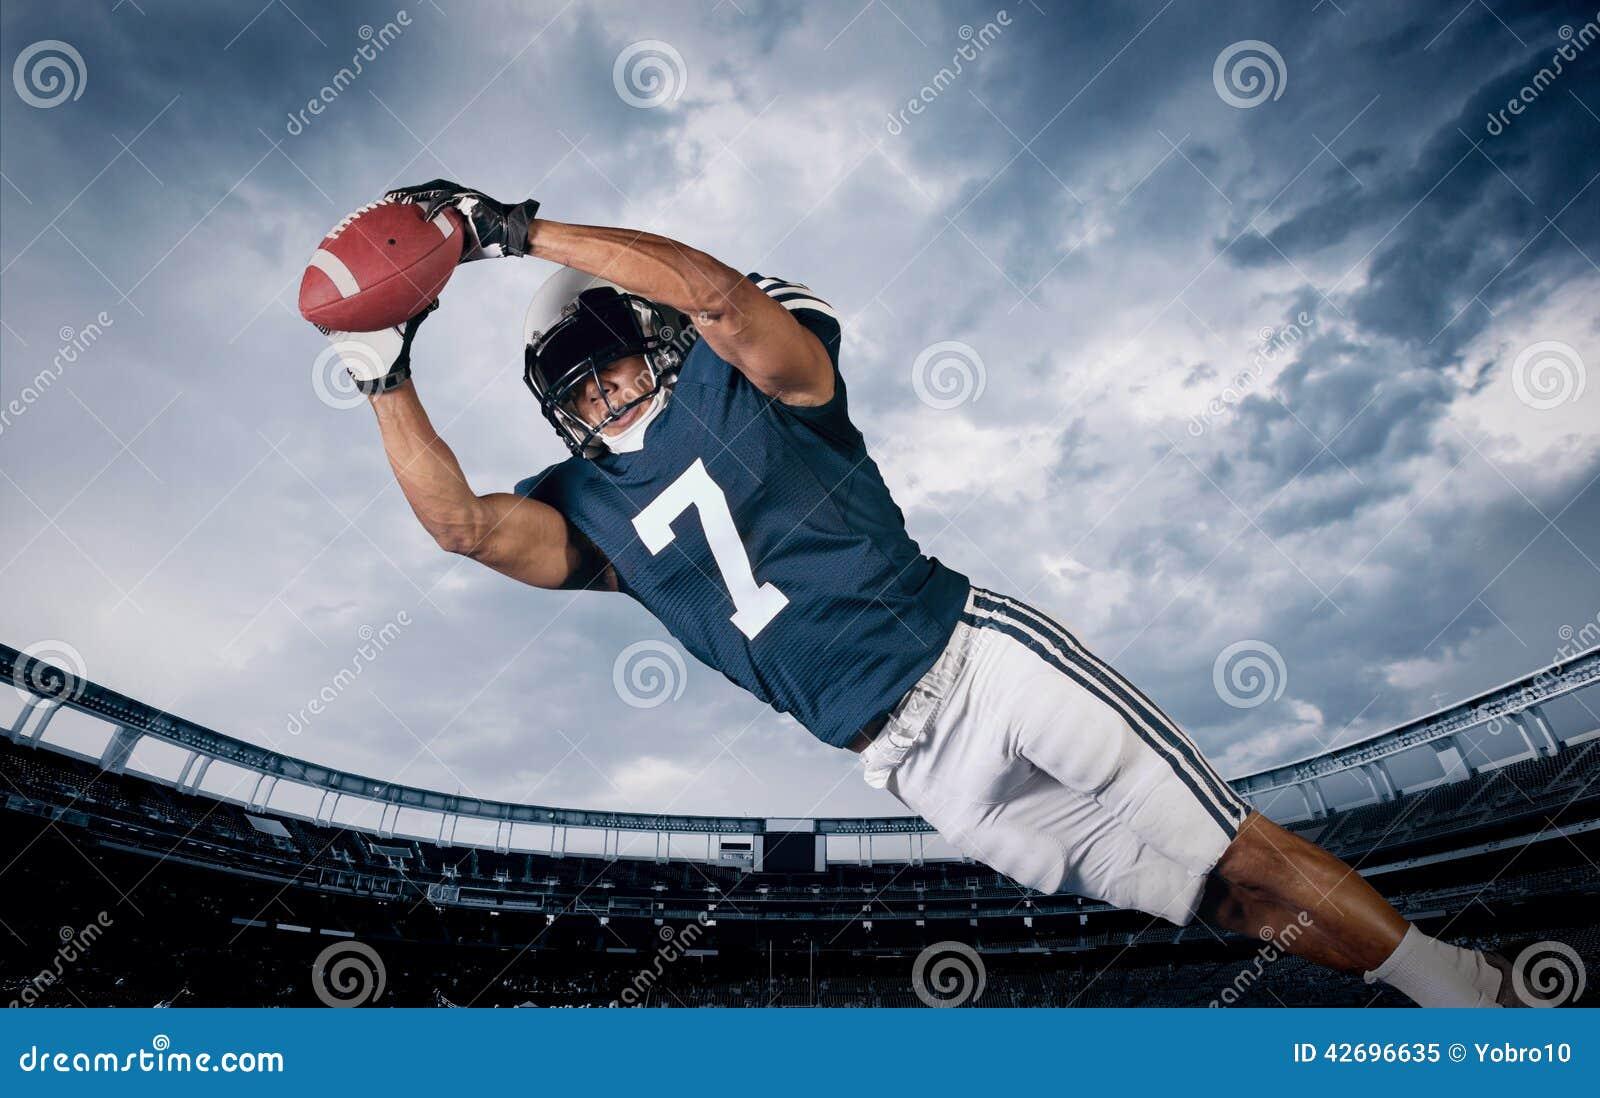 Quarterback Clipart Images American Footba...